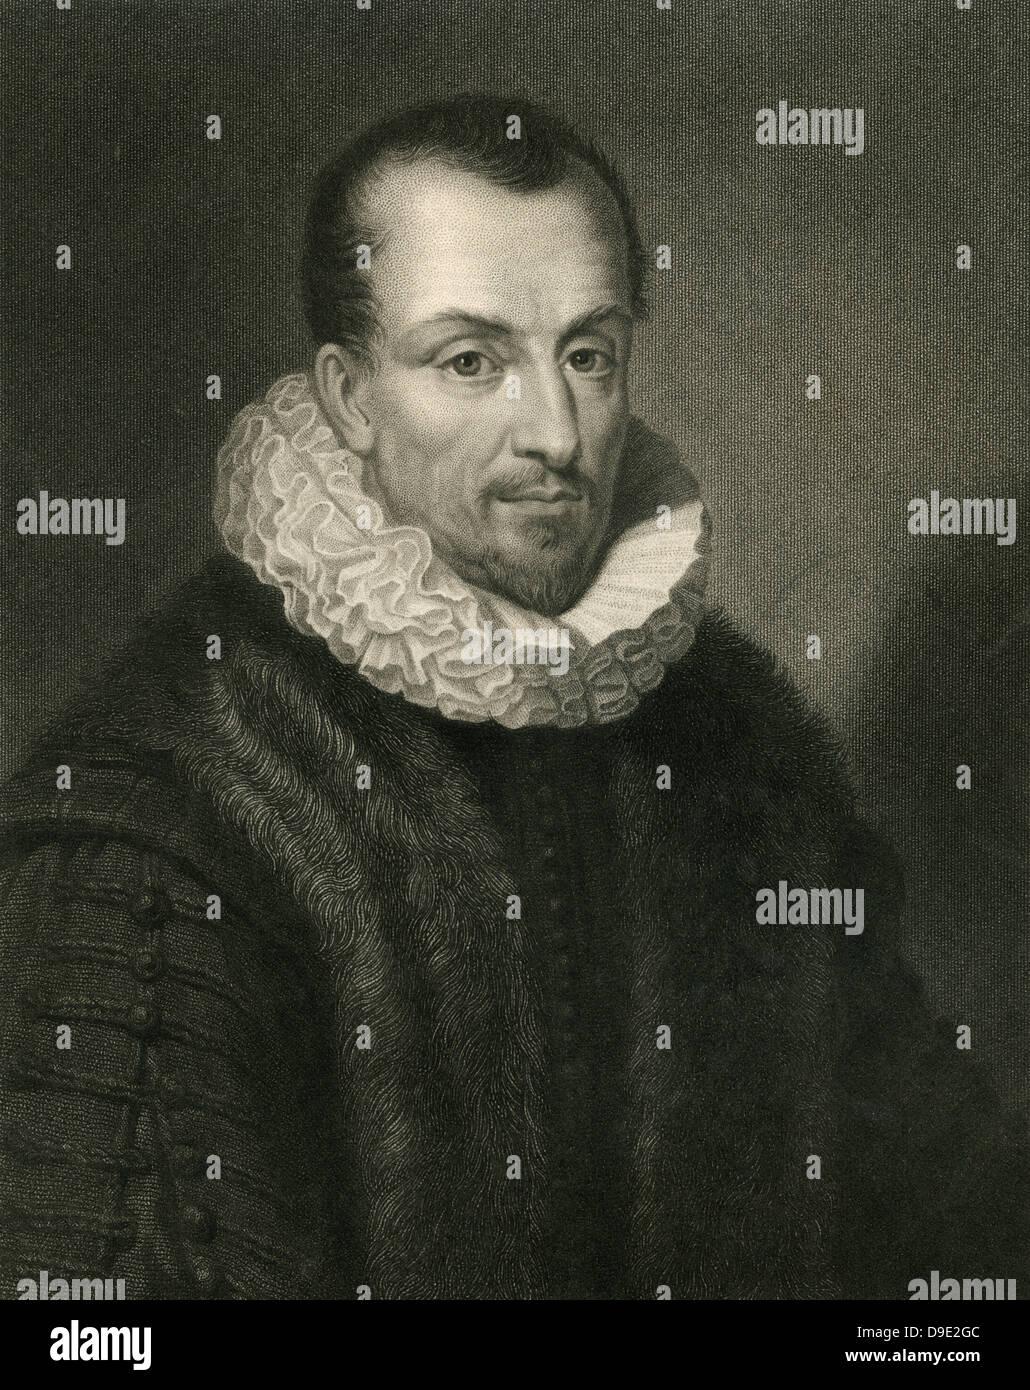 Michel de Montiagne (1533-1592) French Renaissance humanist, statesman and essayist. - Stock Image